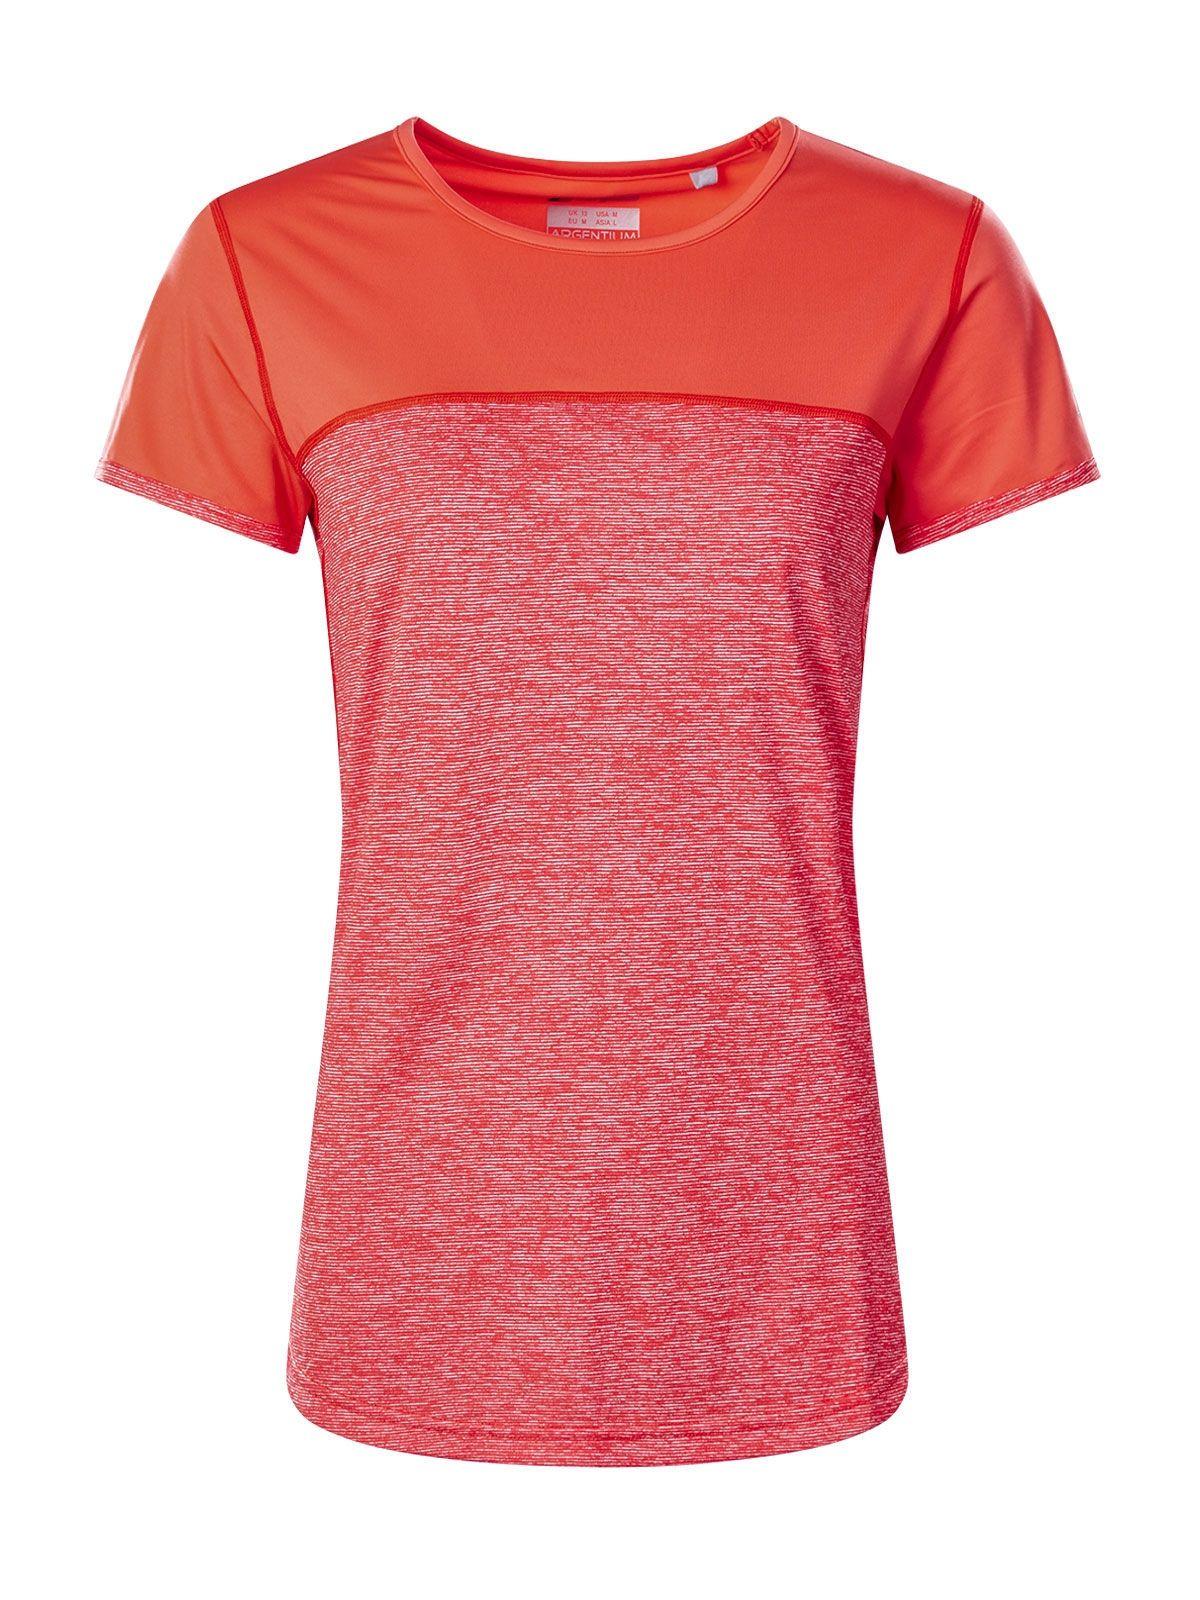 Berghaus Voyager Tech Womens Short Sleeved Crew T-shirt